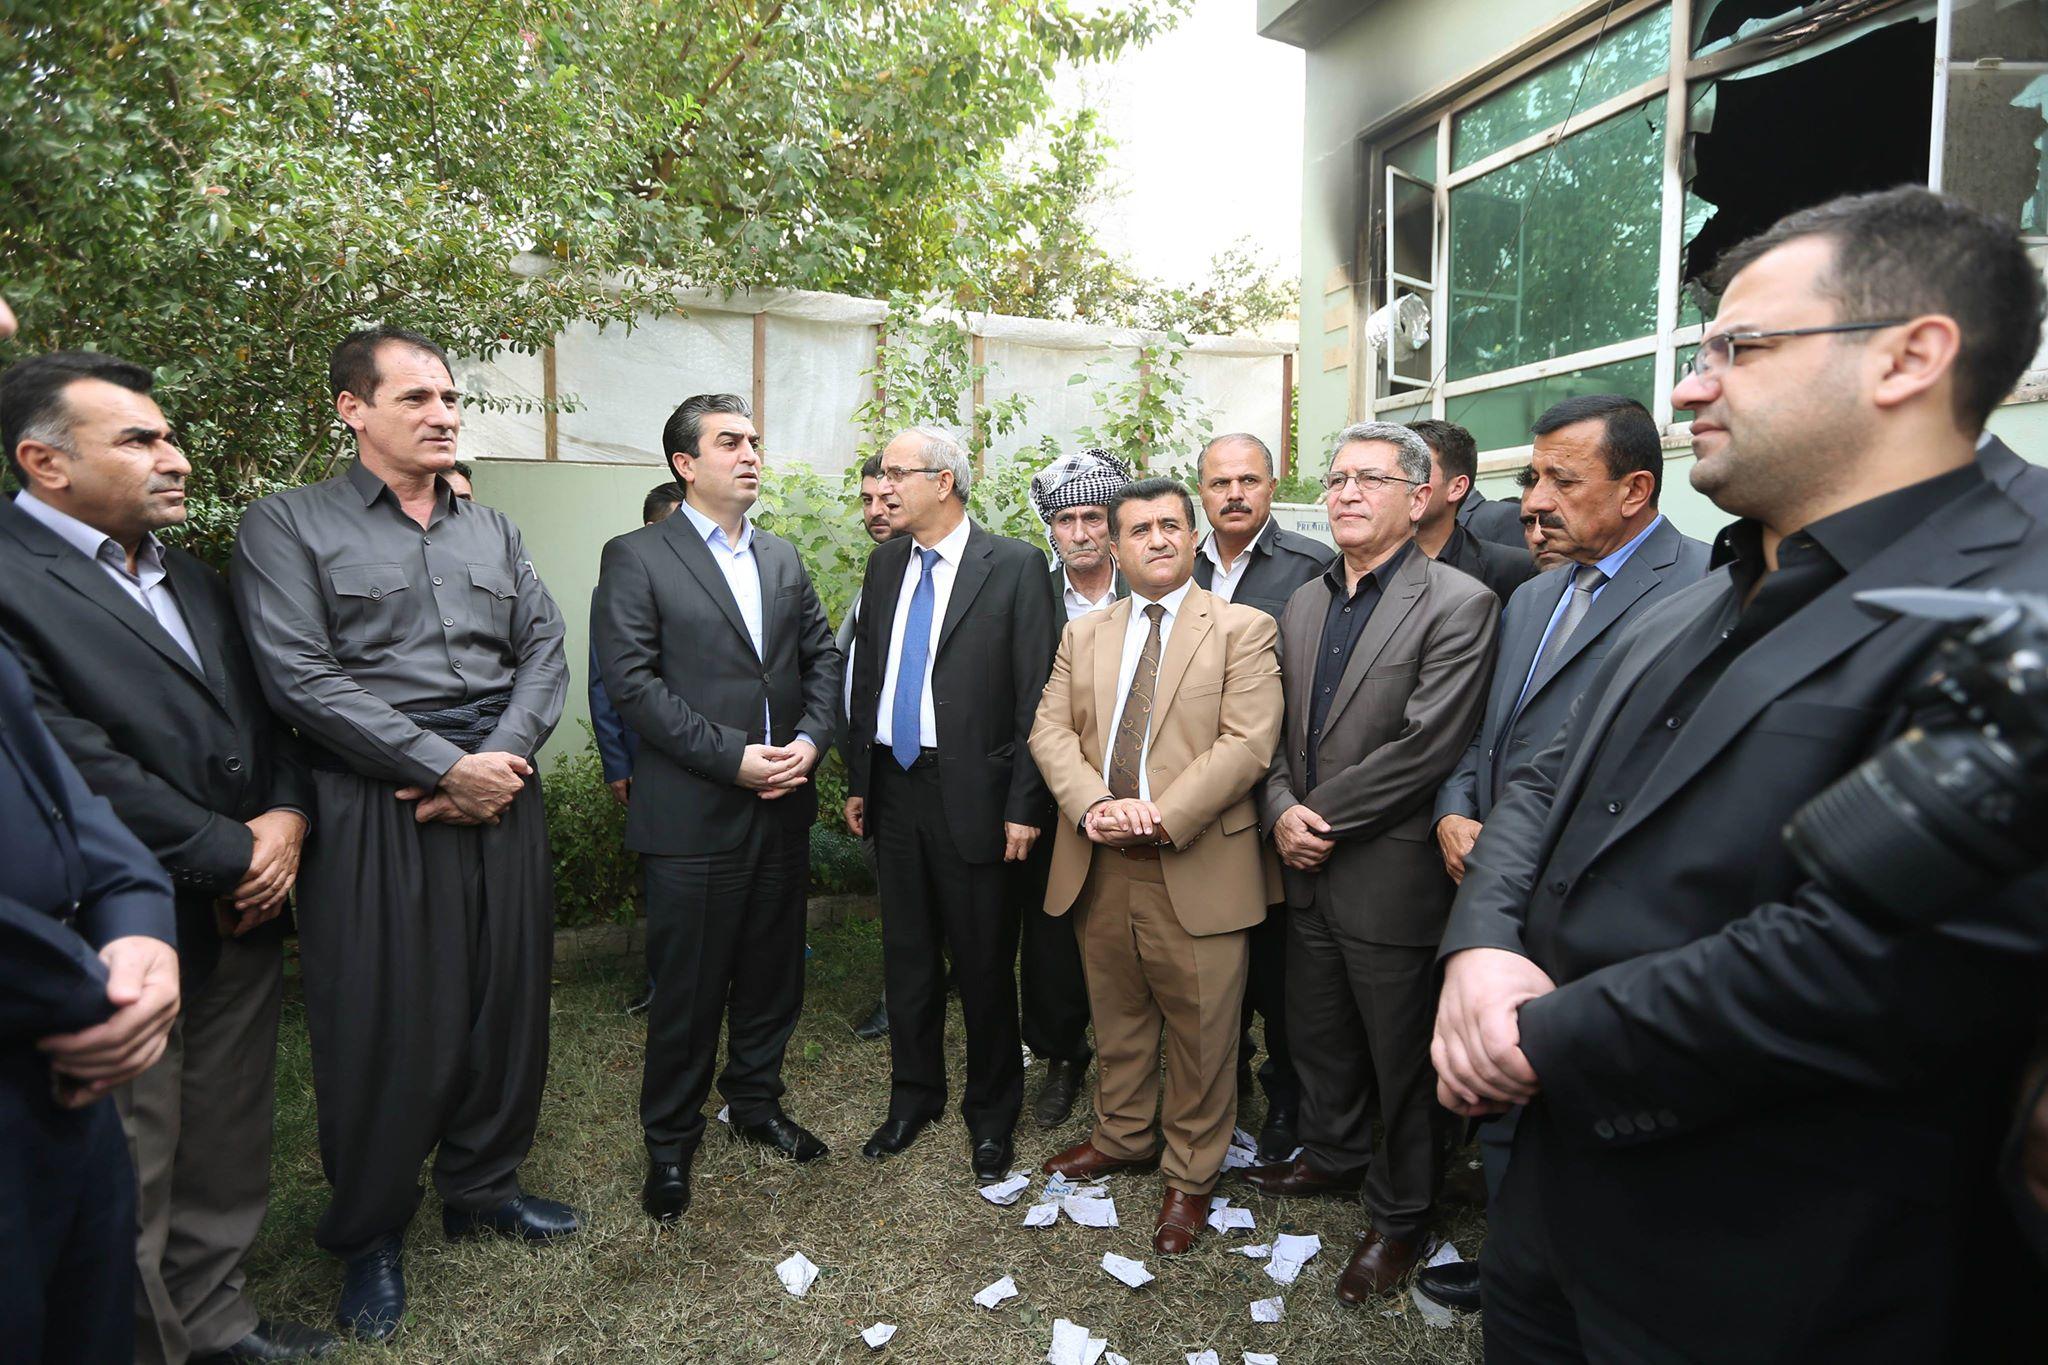 پارێزگهرێ دهۆكێ سهرهدانا مهلبهندێ ئێكهتی نیشتیمانی كوردستان ل زاخۆ كر